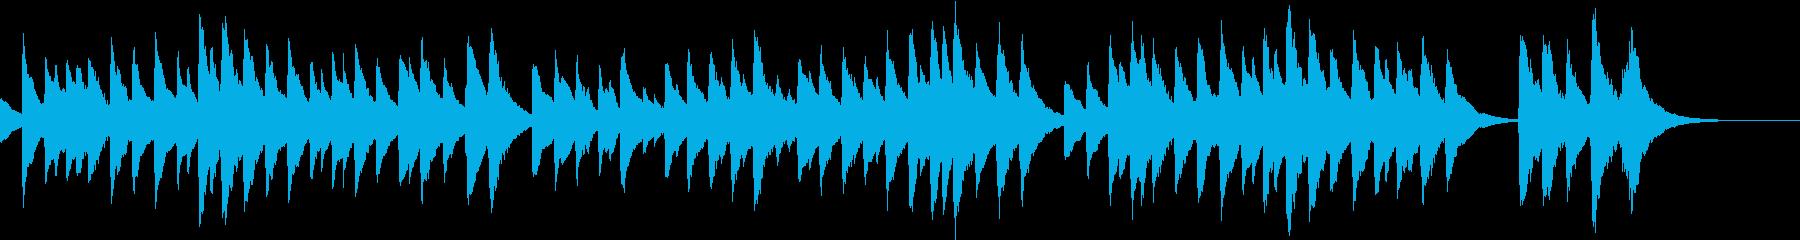 定番クリスマスソングのオルゴールA 1分の再生済みの波形